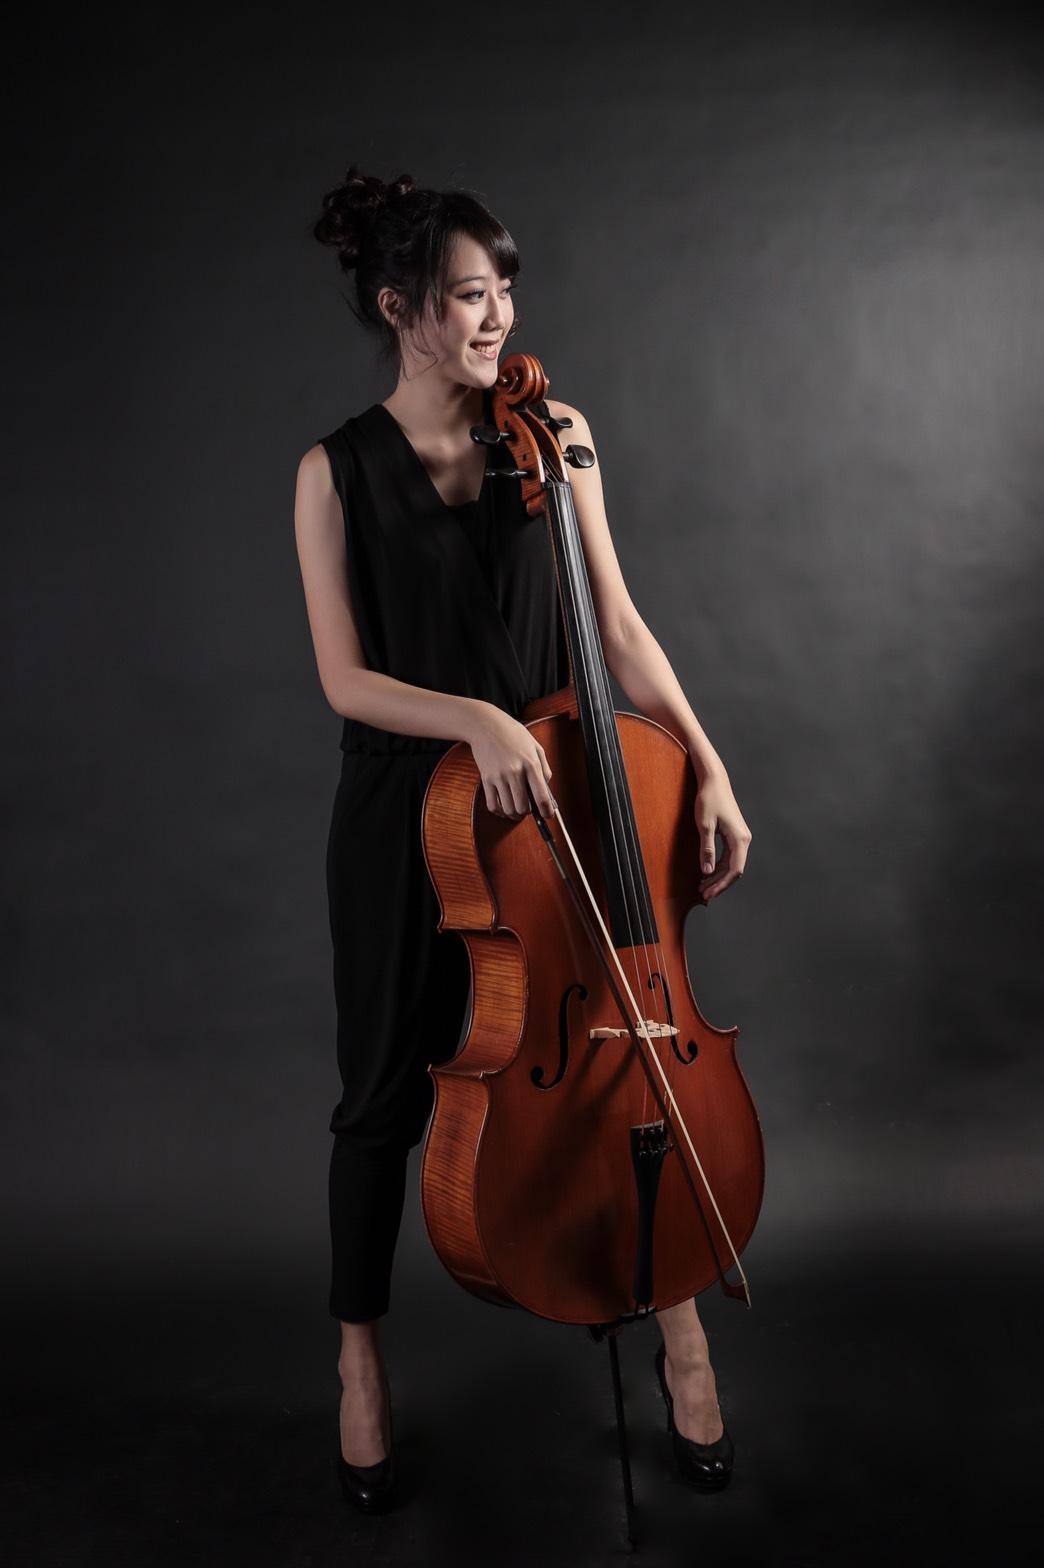 高雄大提琴老師,高雄學大提琴 ,高雄大提琴老師